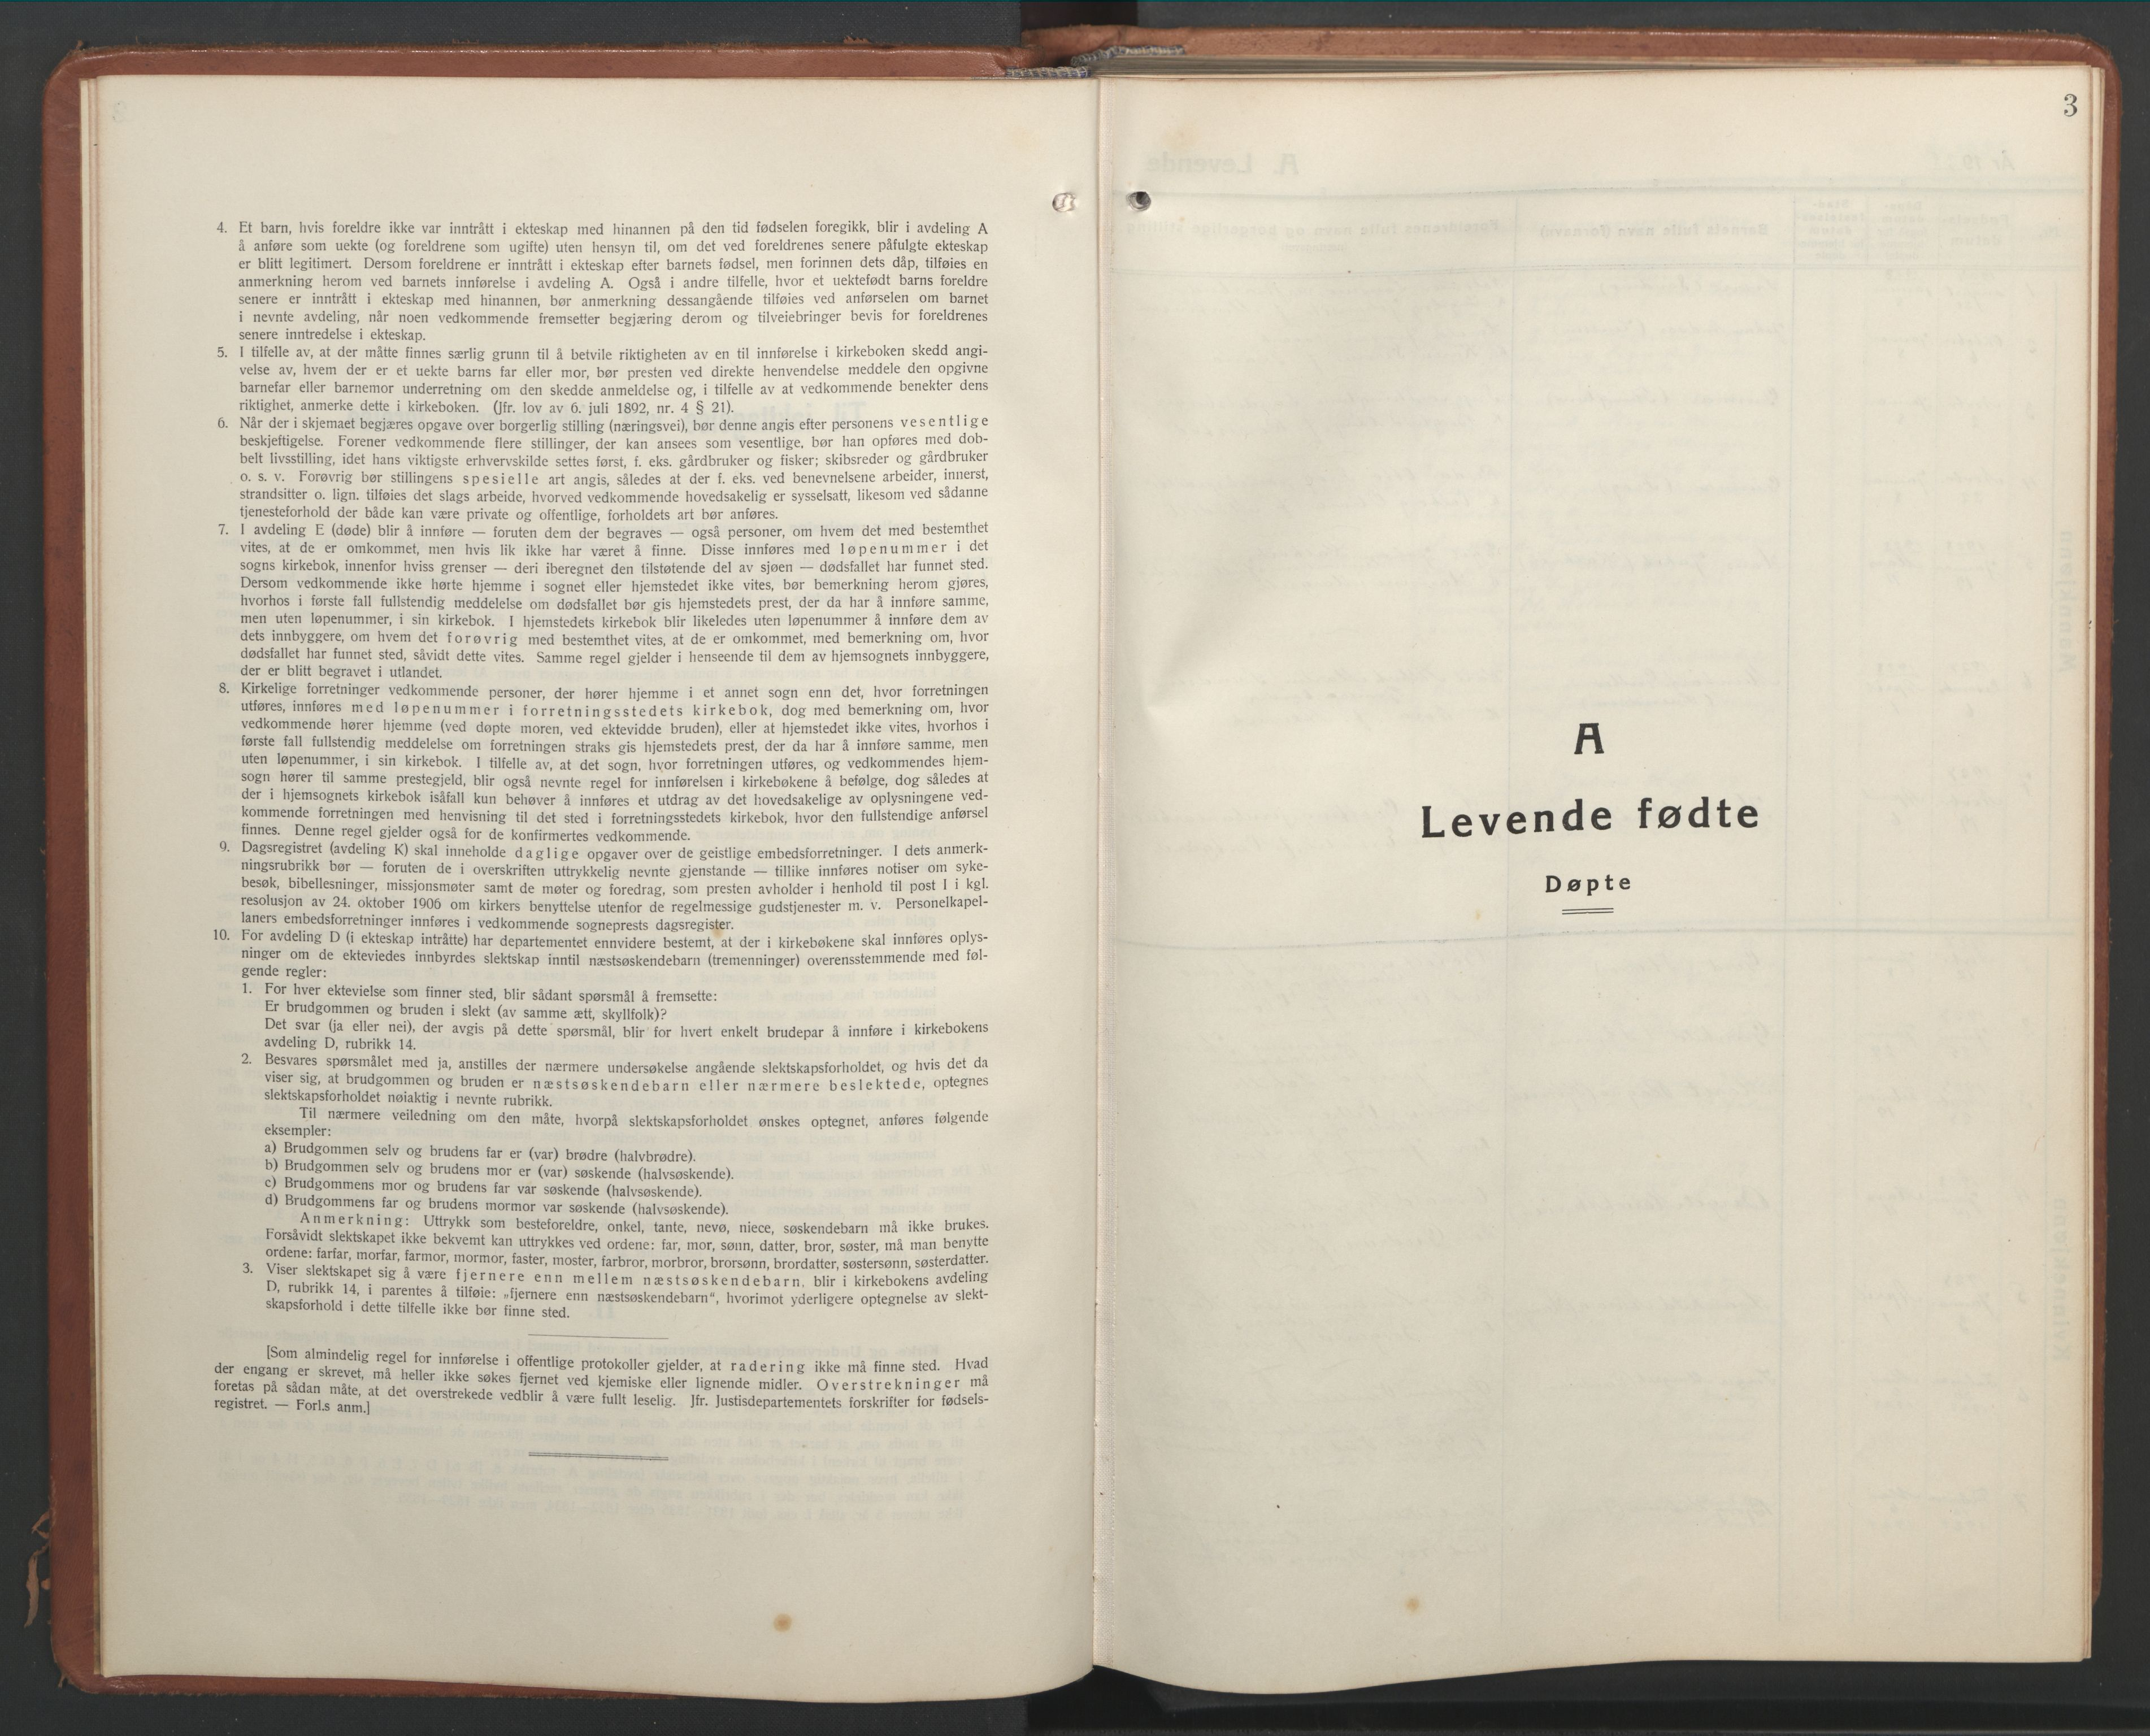 SAT, Ministerialprotokoller, klokkerbøker og fødselsregistre - Nord-Trøndelag, 768/L0583: Klokkerbok nr. 768C01, 1928-1953, s. 3